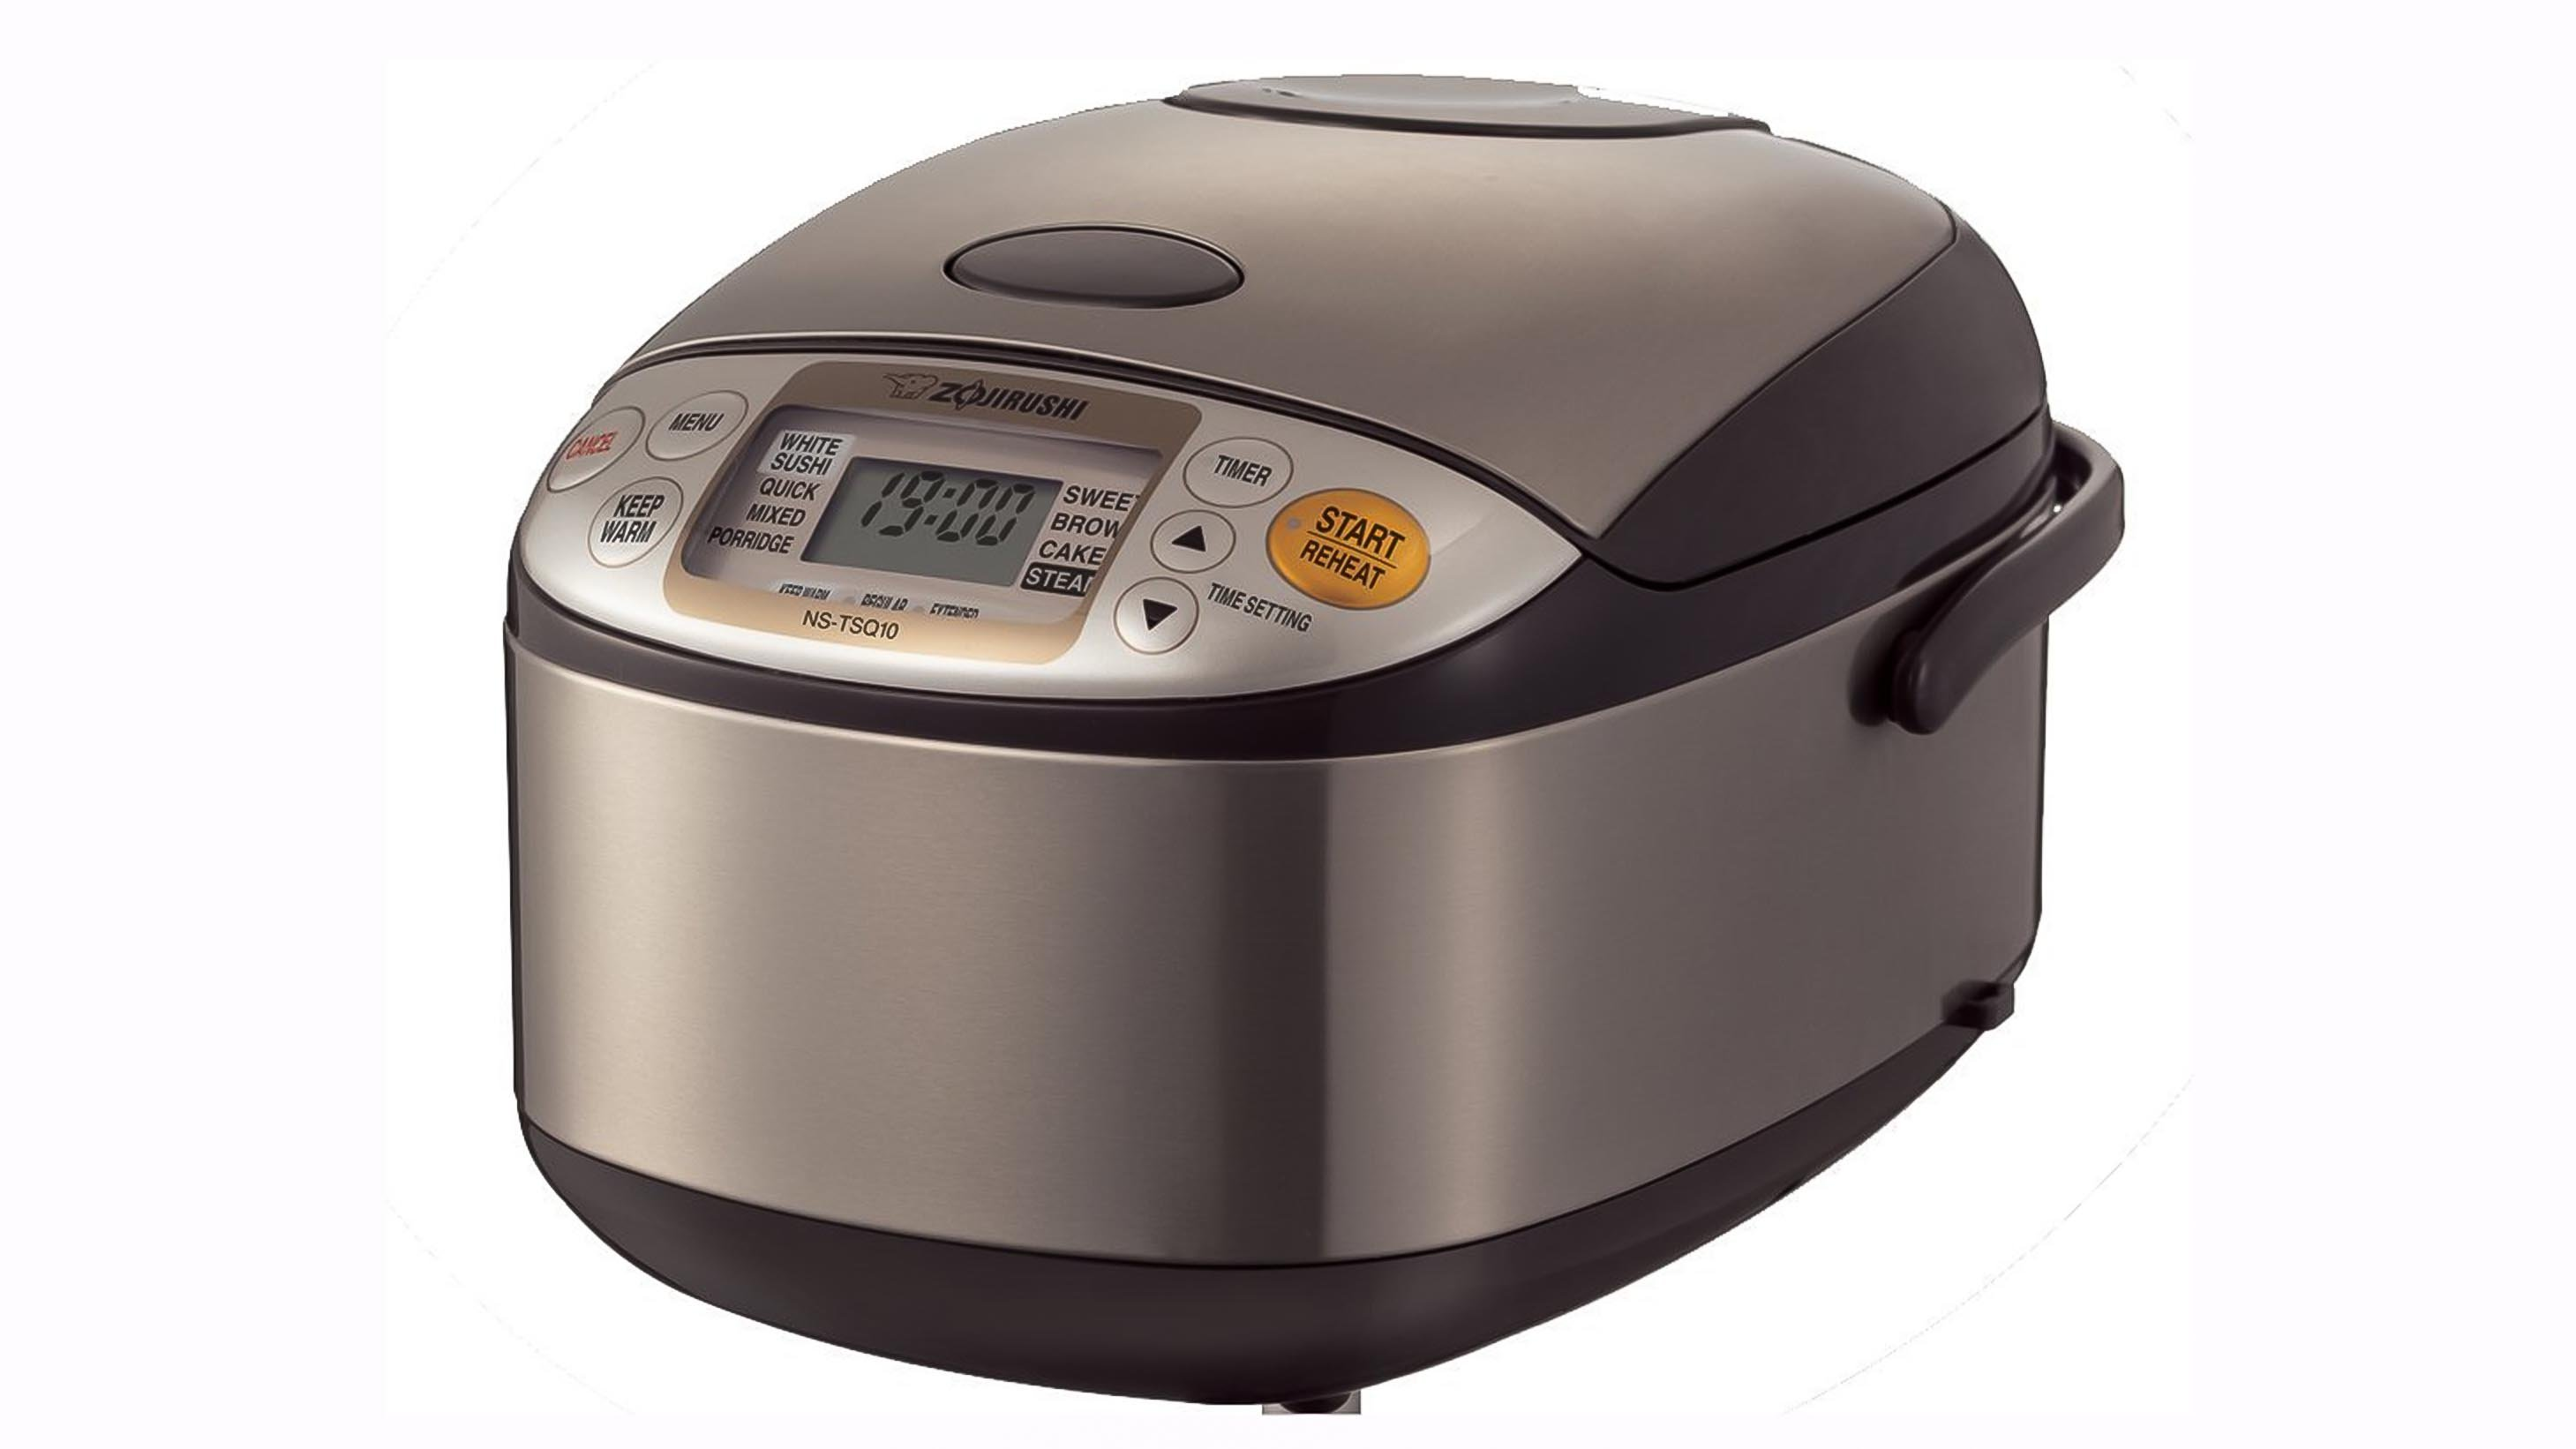 Tefal Home Appliances